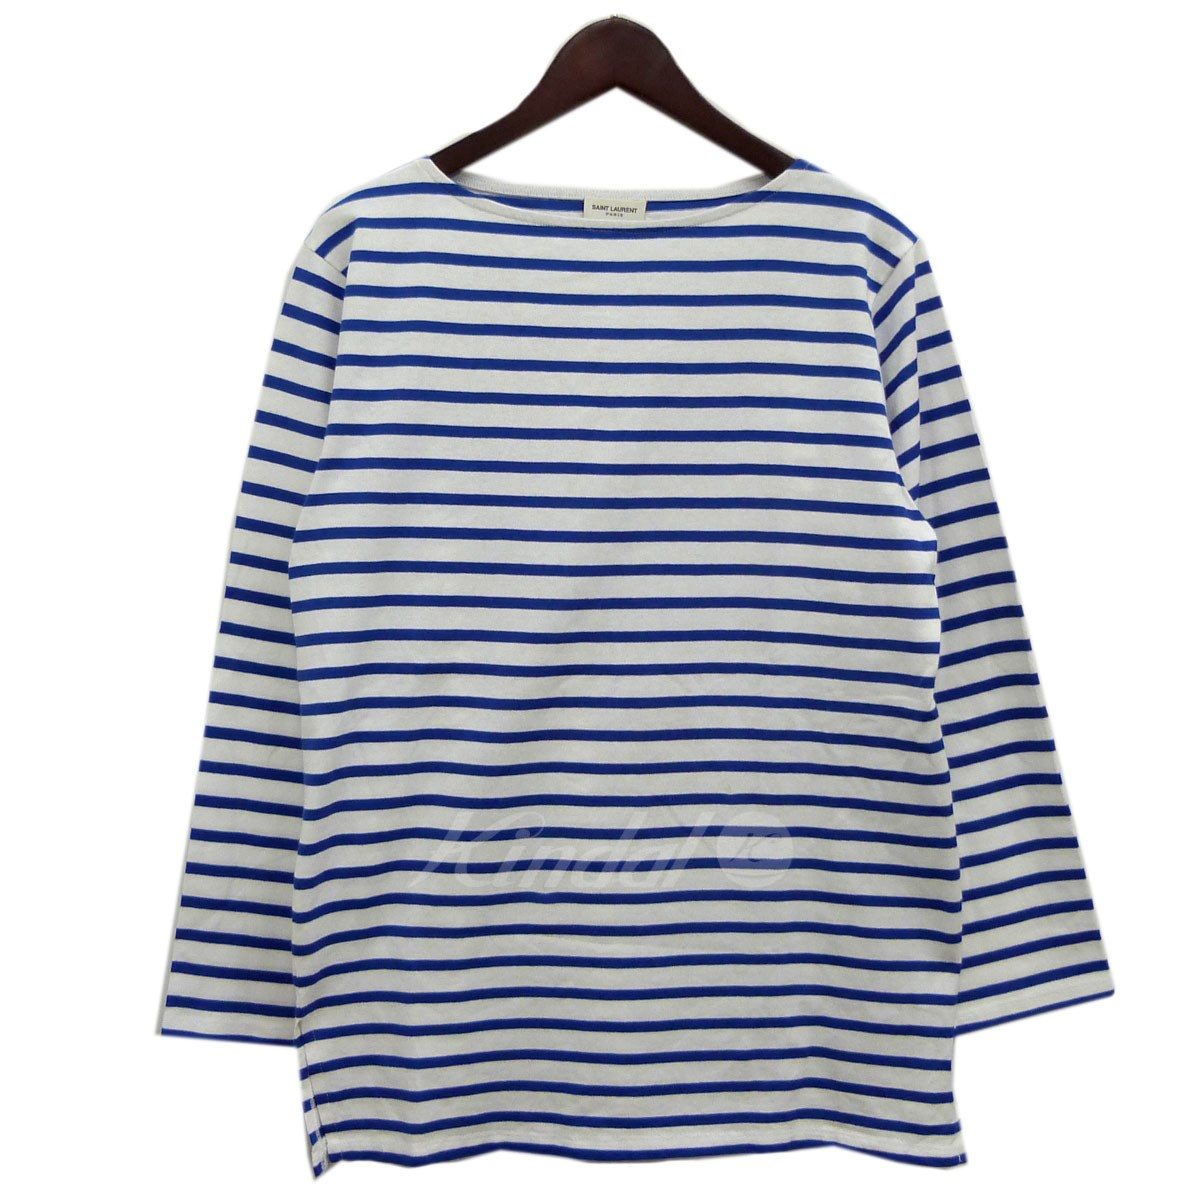 【中古】SAINT LAURENT PARIS 15SSボーダー長袖Tシャツ ブルー×ホワイト サイズ:XL 【送料無料】 【231018】(サンローランパリ)